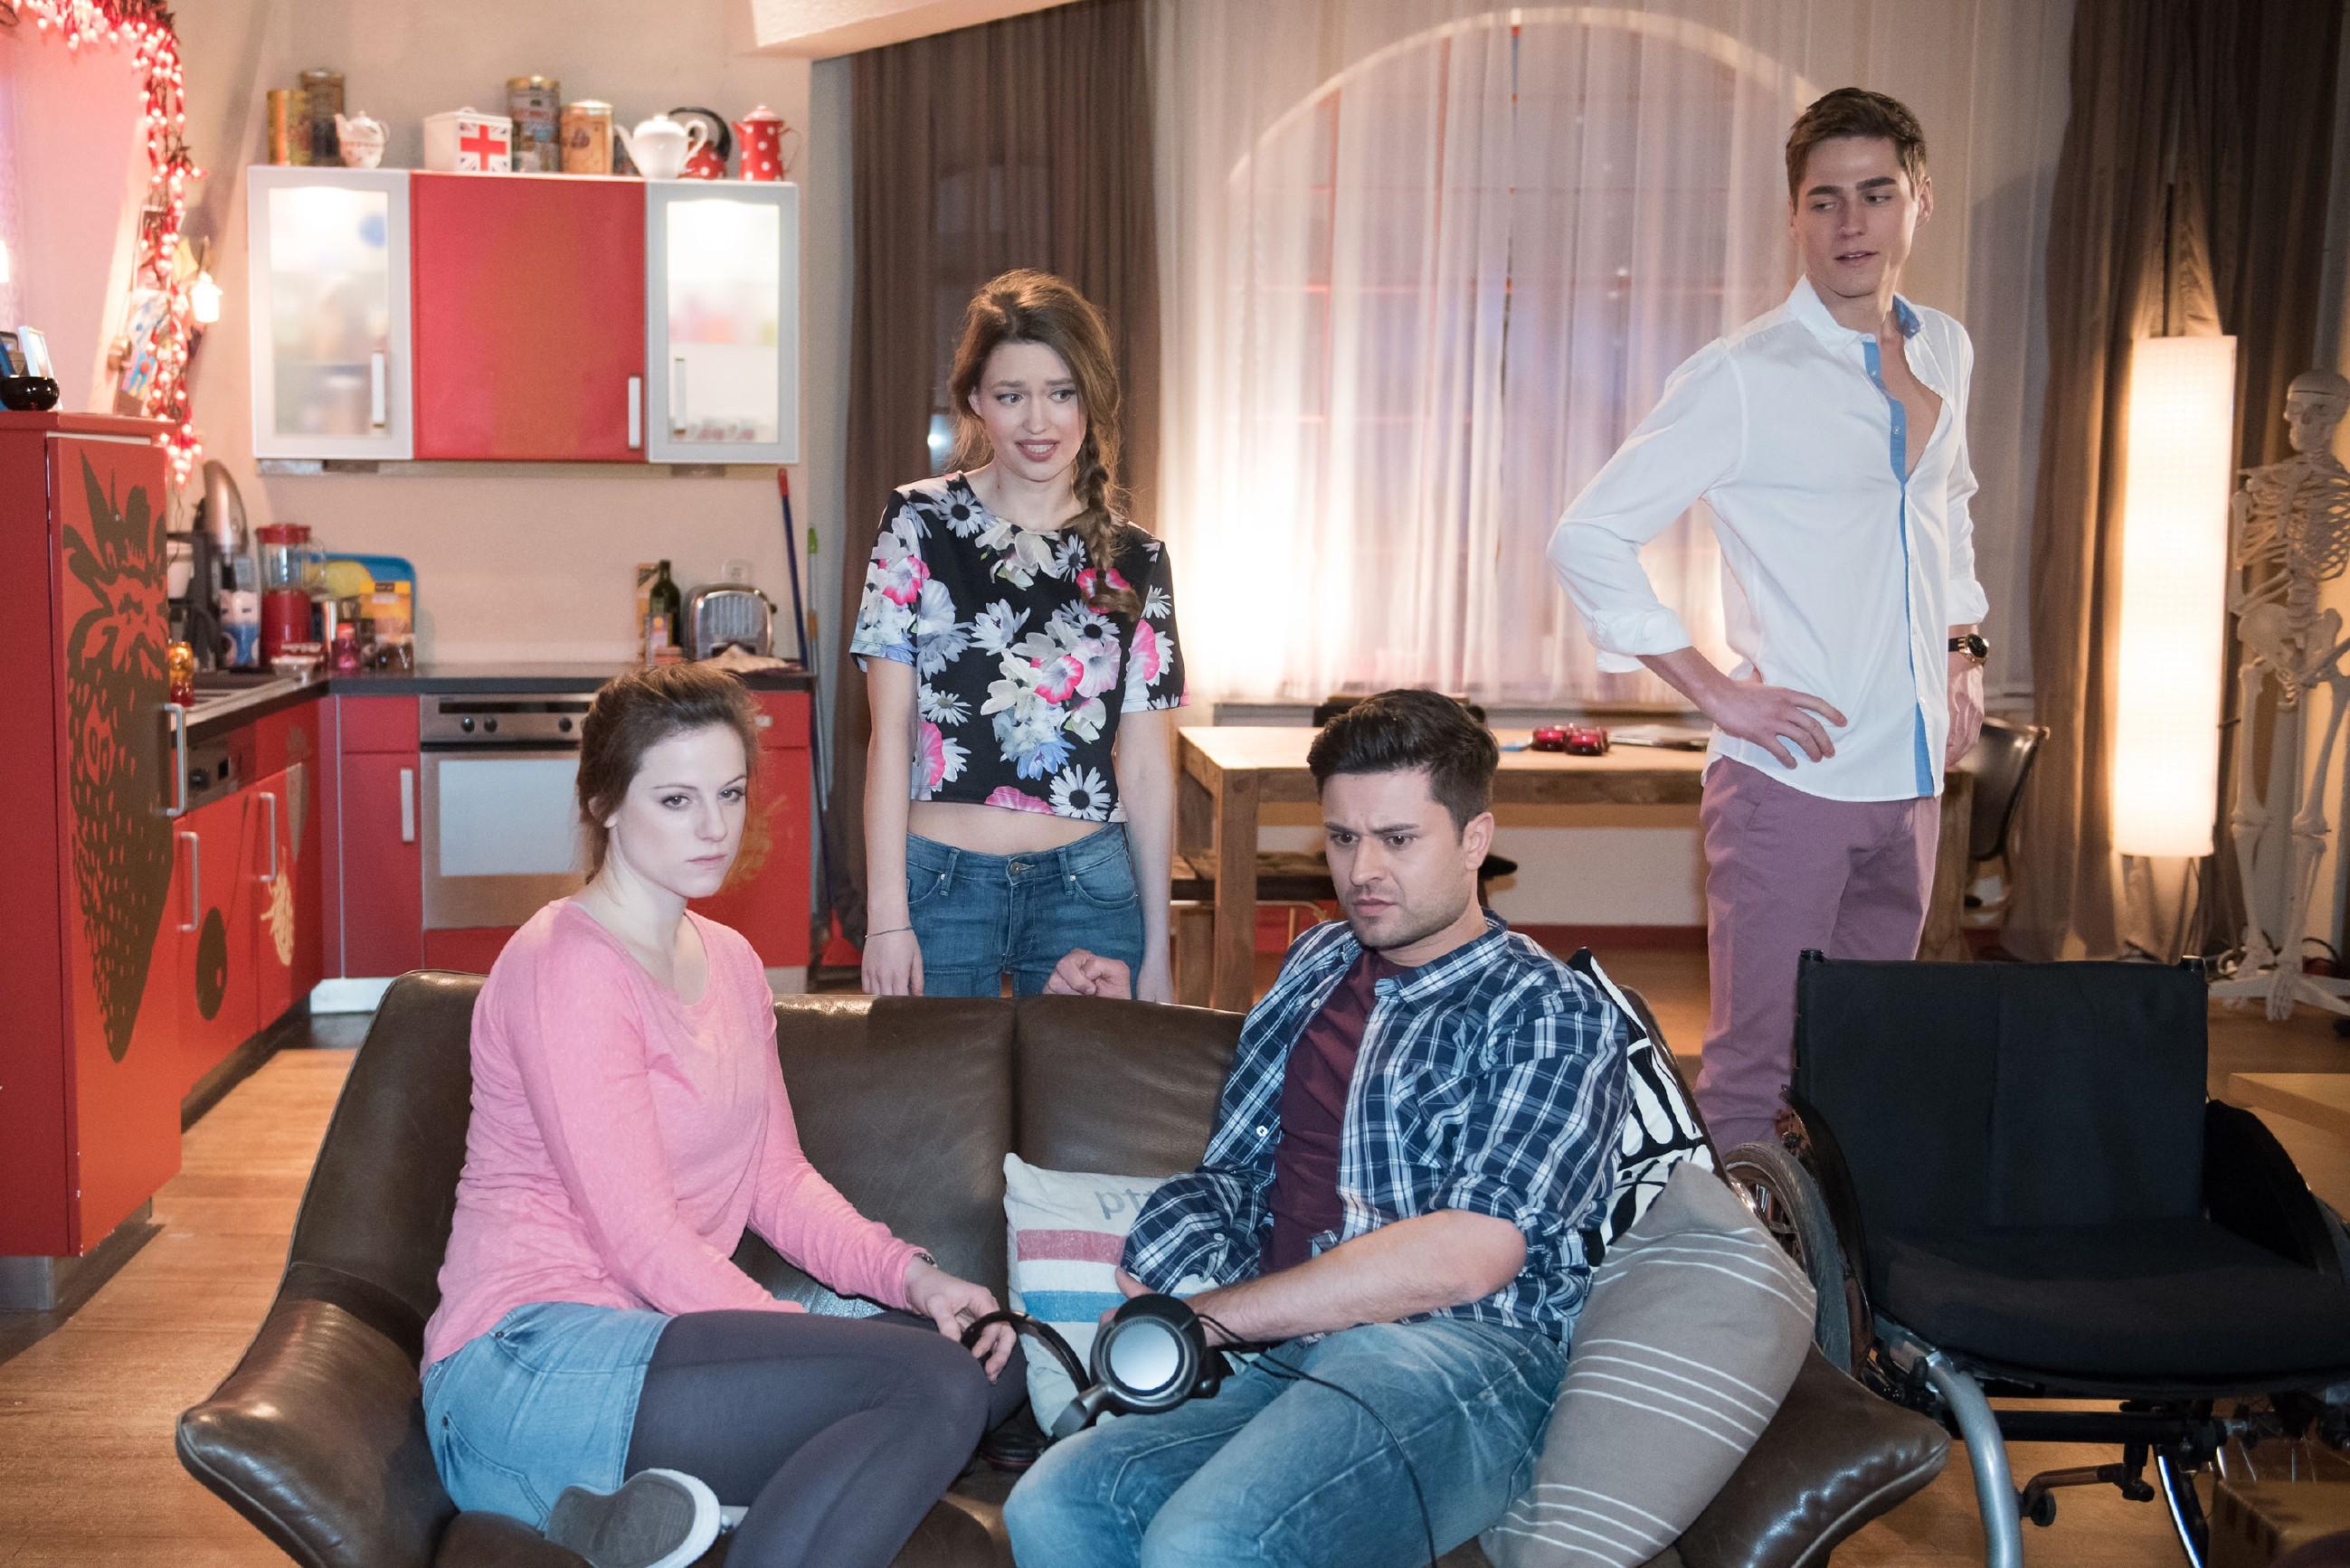 Jule (Amrei Haardt, 2.v.l.) ist hin und hergerissen zwischen ihrem Glück mit Ringo (Timothy Boldt, r.) und ihrem schlechten Gewissen gegenüber Elli (Nora Koppen) und Paco (Milos Vukovic). (Quelle: RTL / Stefan Behrens)